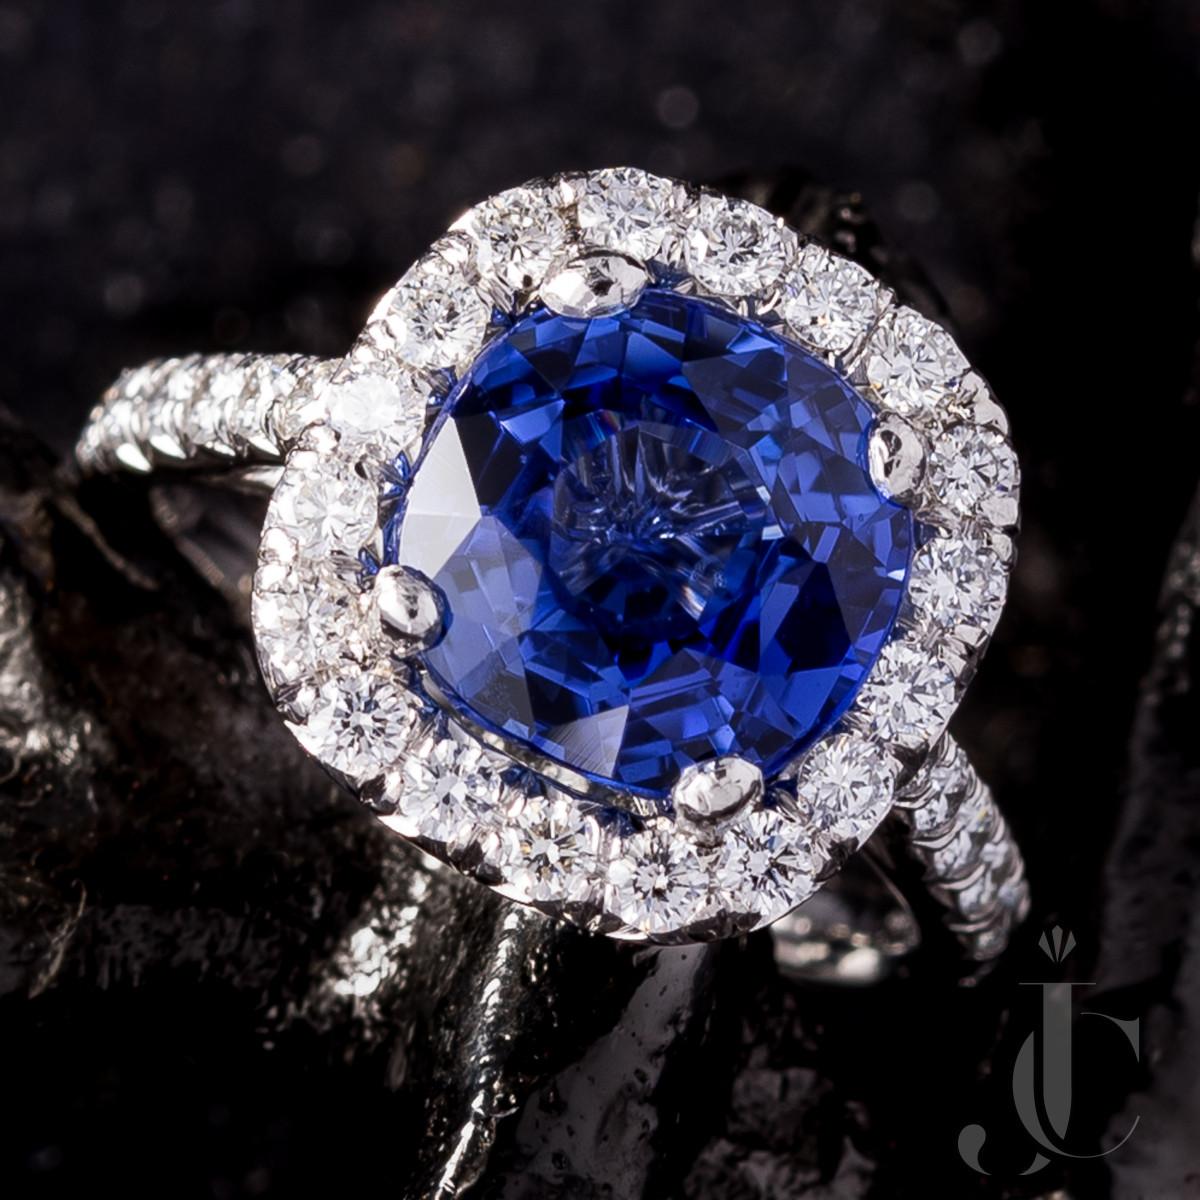 5.25 Carat NH Ceylon Sapphire and Diamond Ring